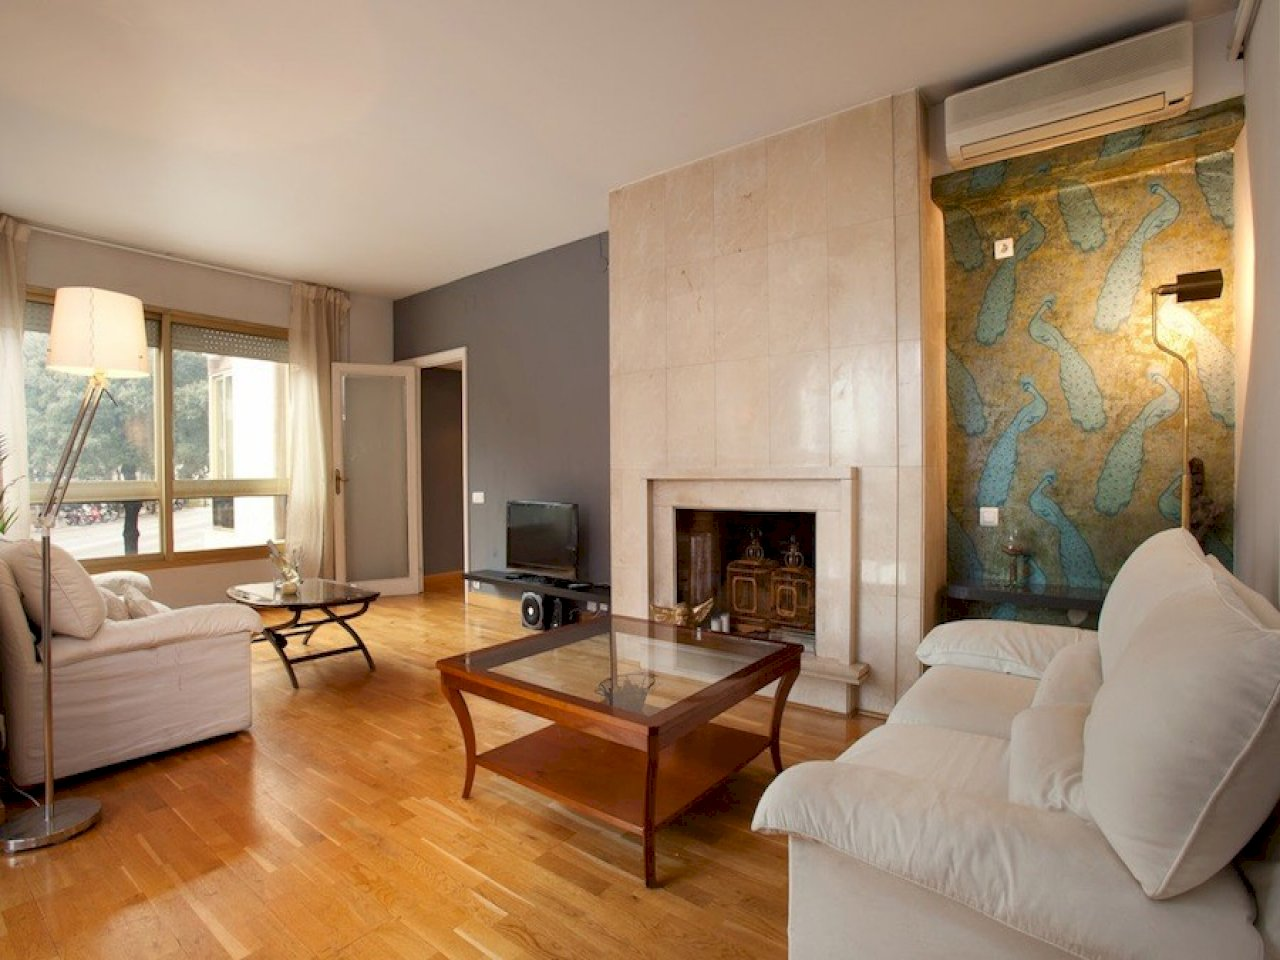 Квартира в Барселоне с туристической лицензией (Via Augusta)